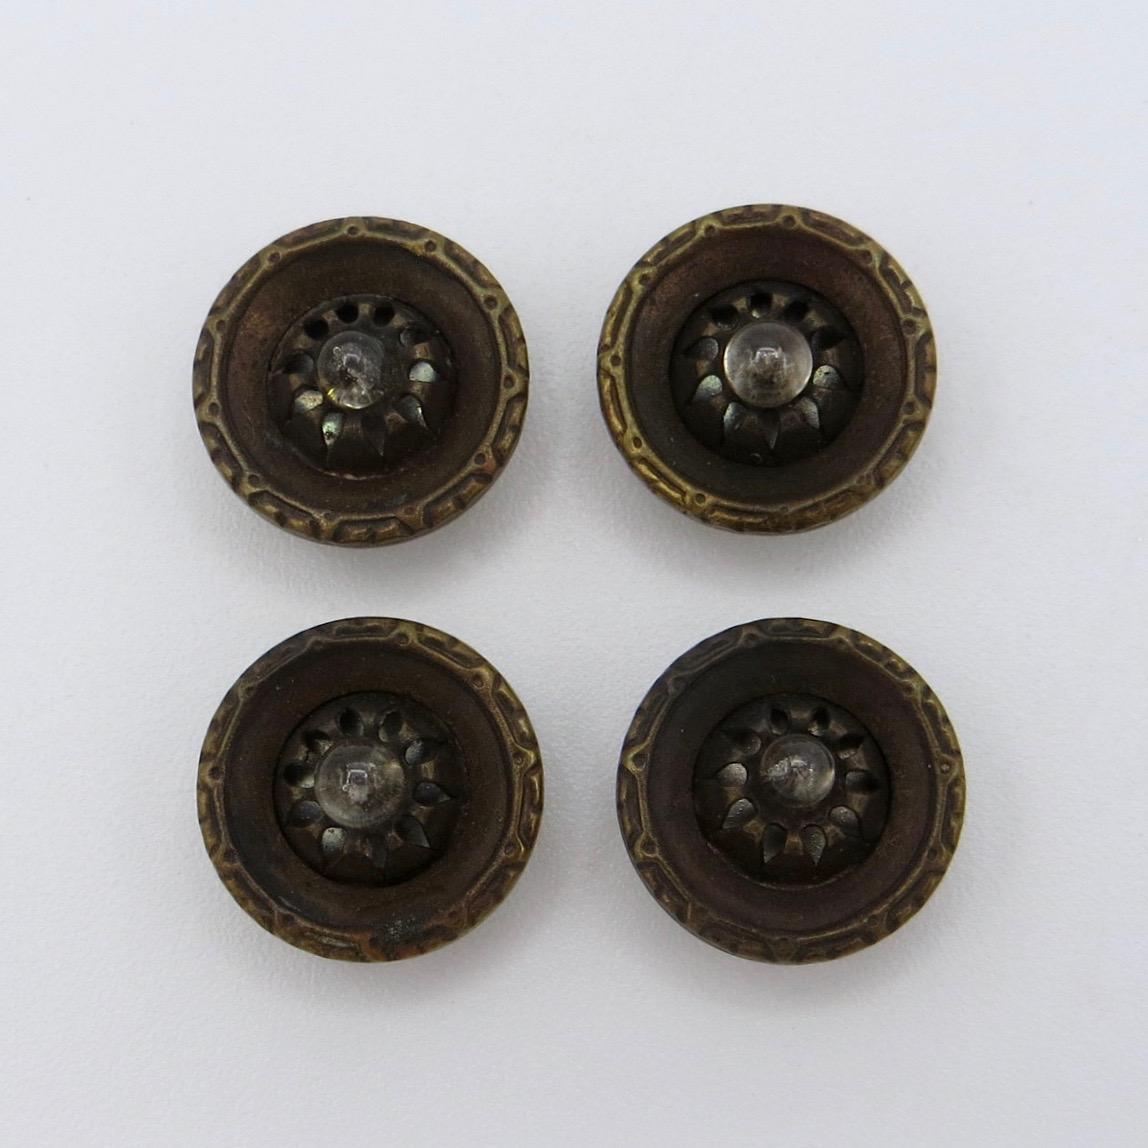 Brass & Glass Buttons